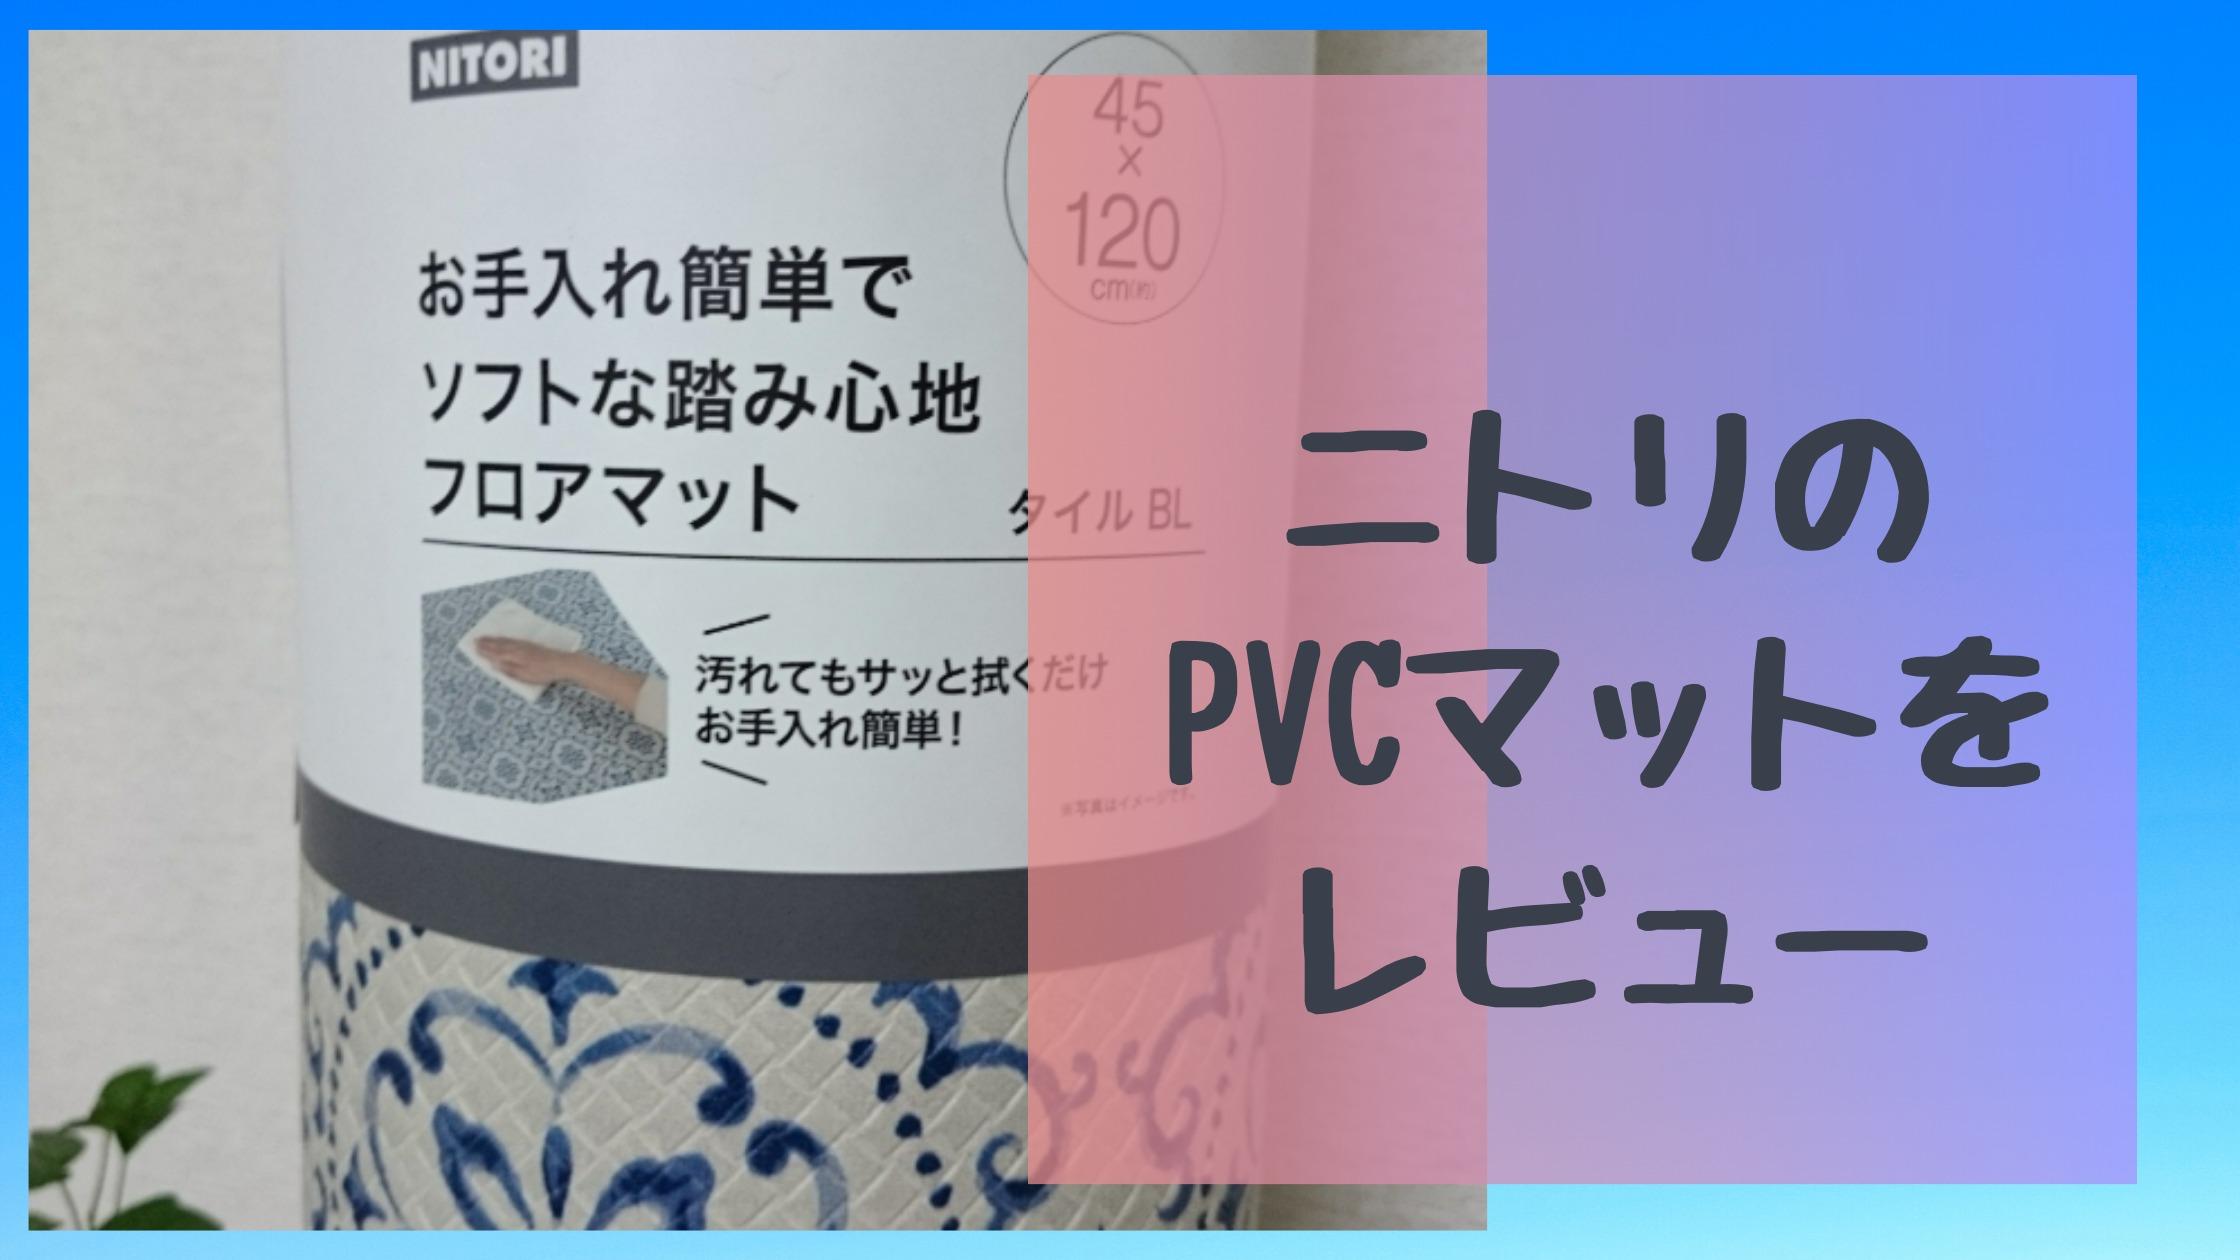 ニトリのPVCマット